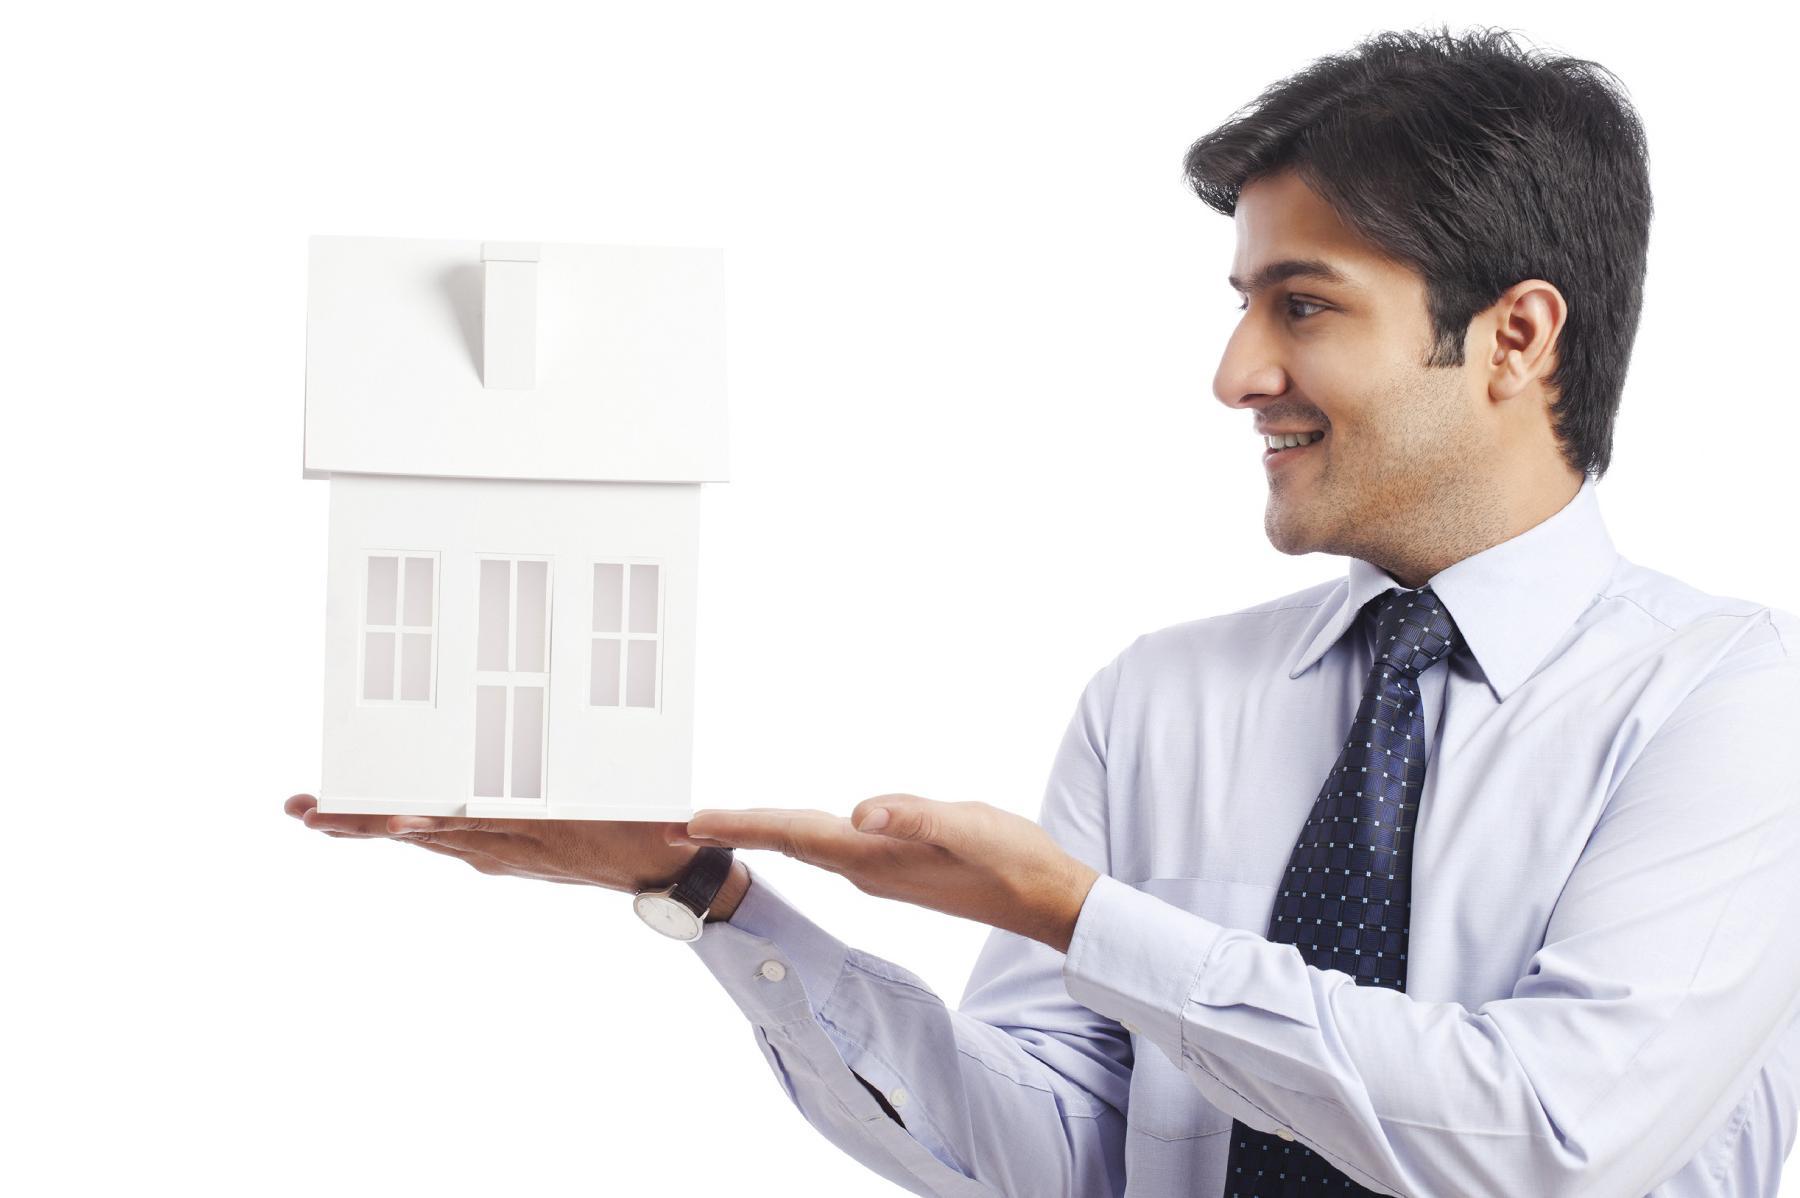 Maison à vendre : Comment établir son budget pour acheter ? Conseils